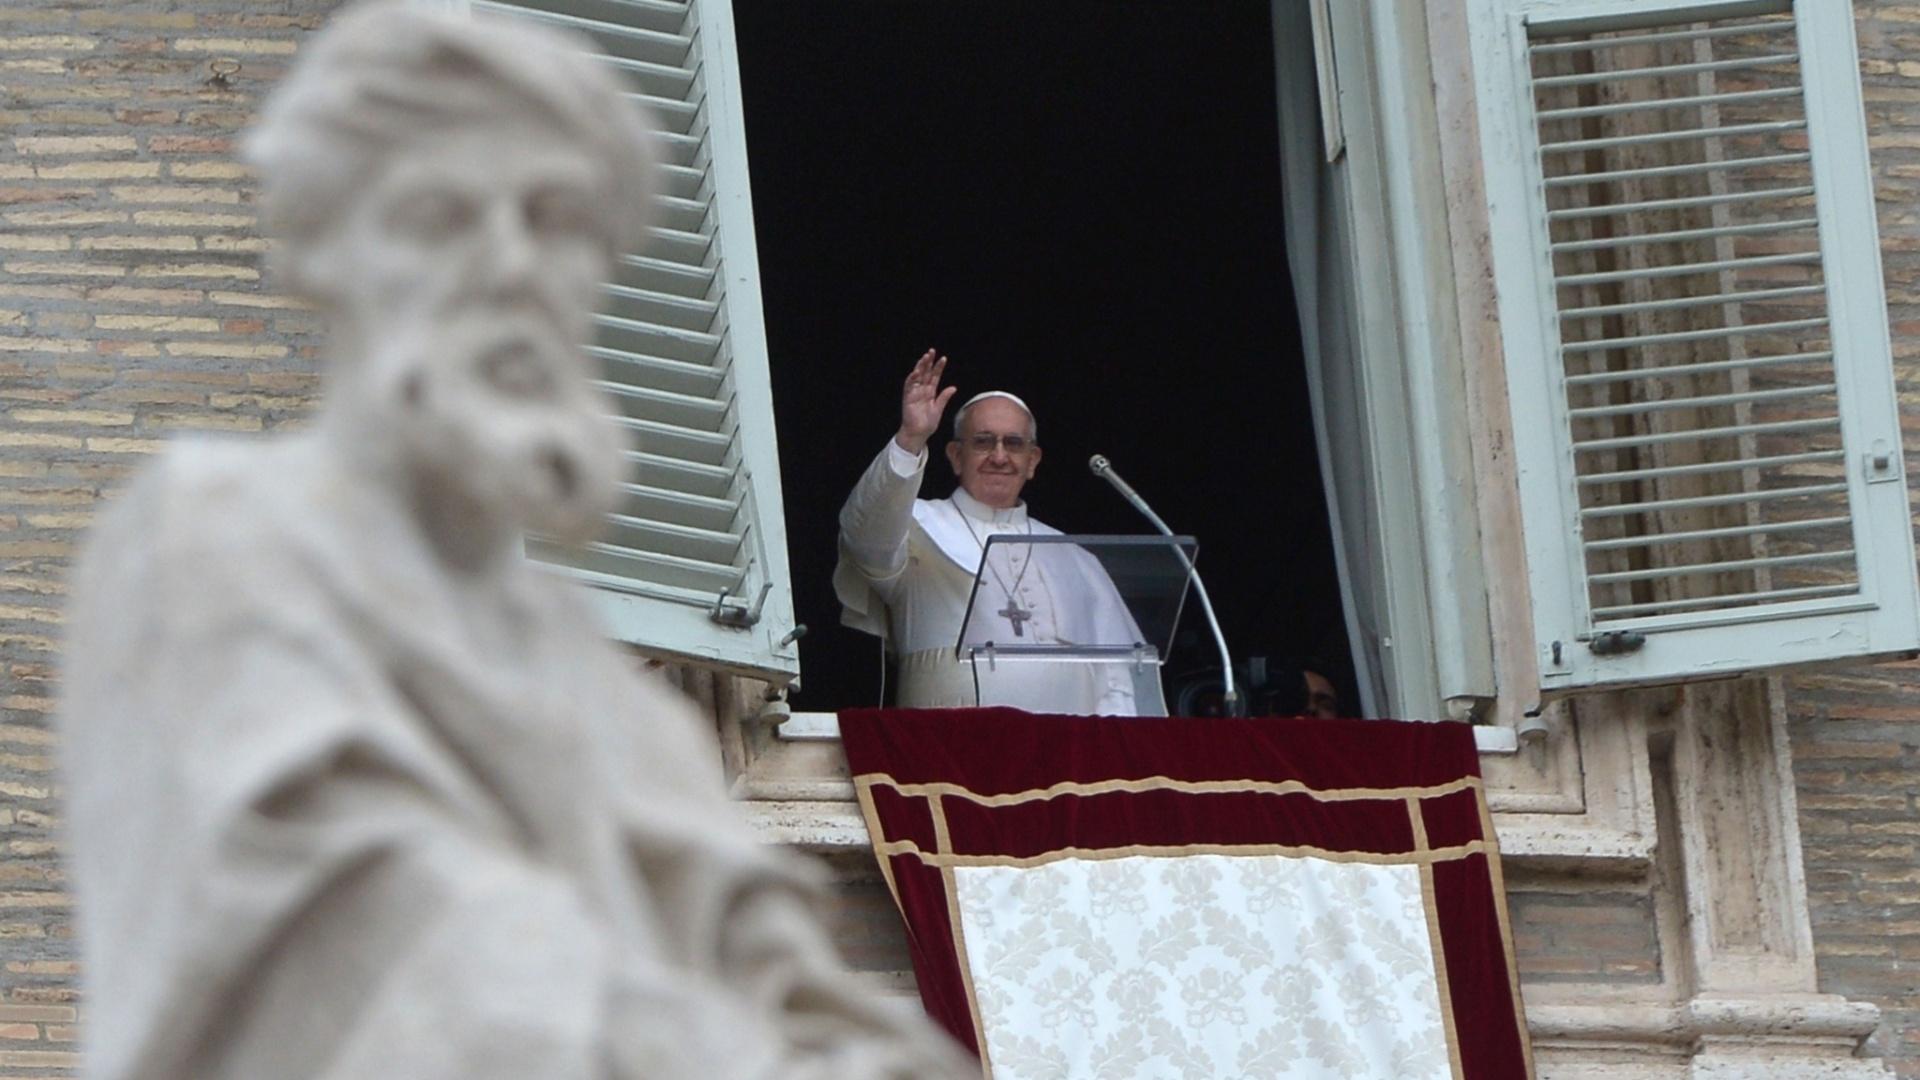 o-papa-francisco-celebra-o-primeiro-angelus-do-seu-pontificado-na-pracao-sao-pedro-1363518720318_1920x1080